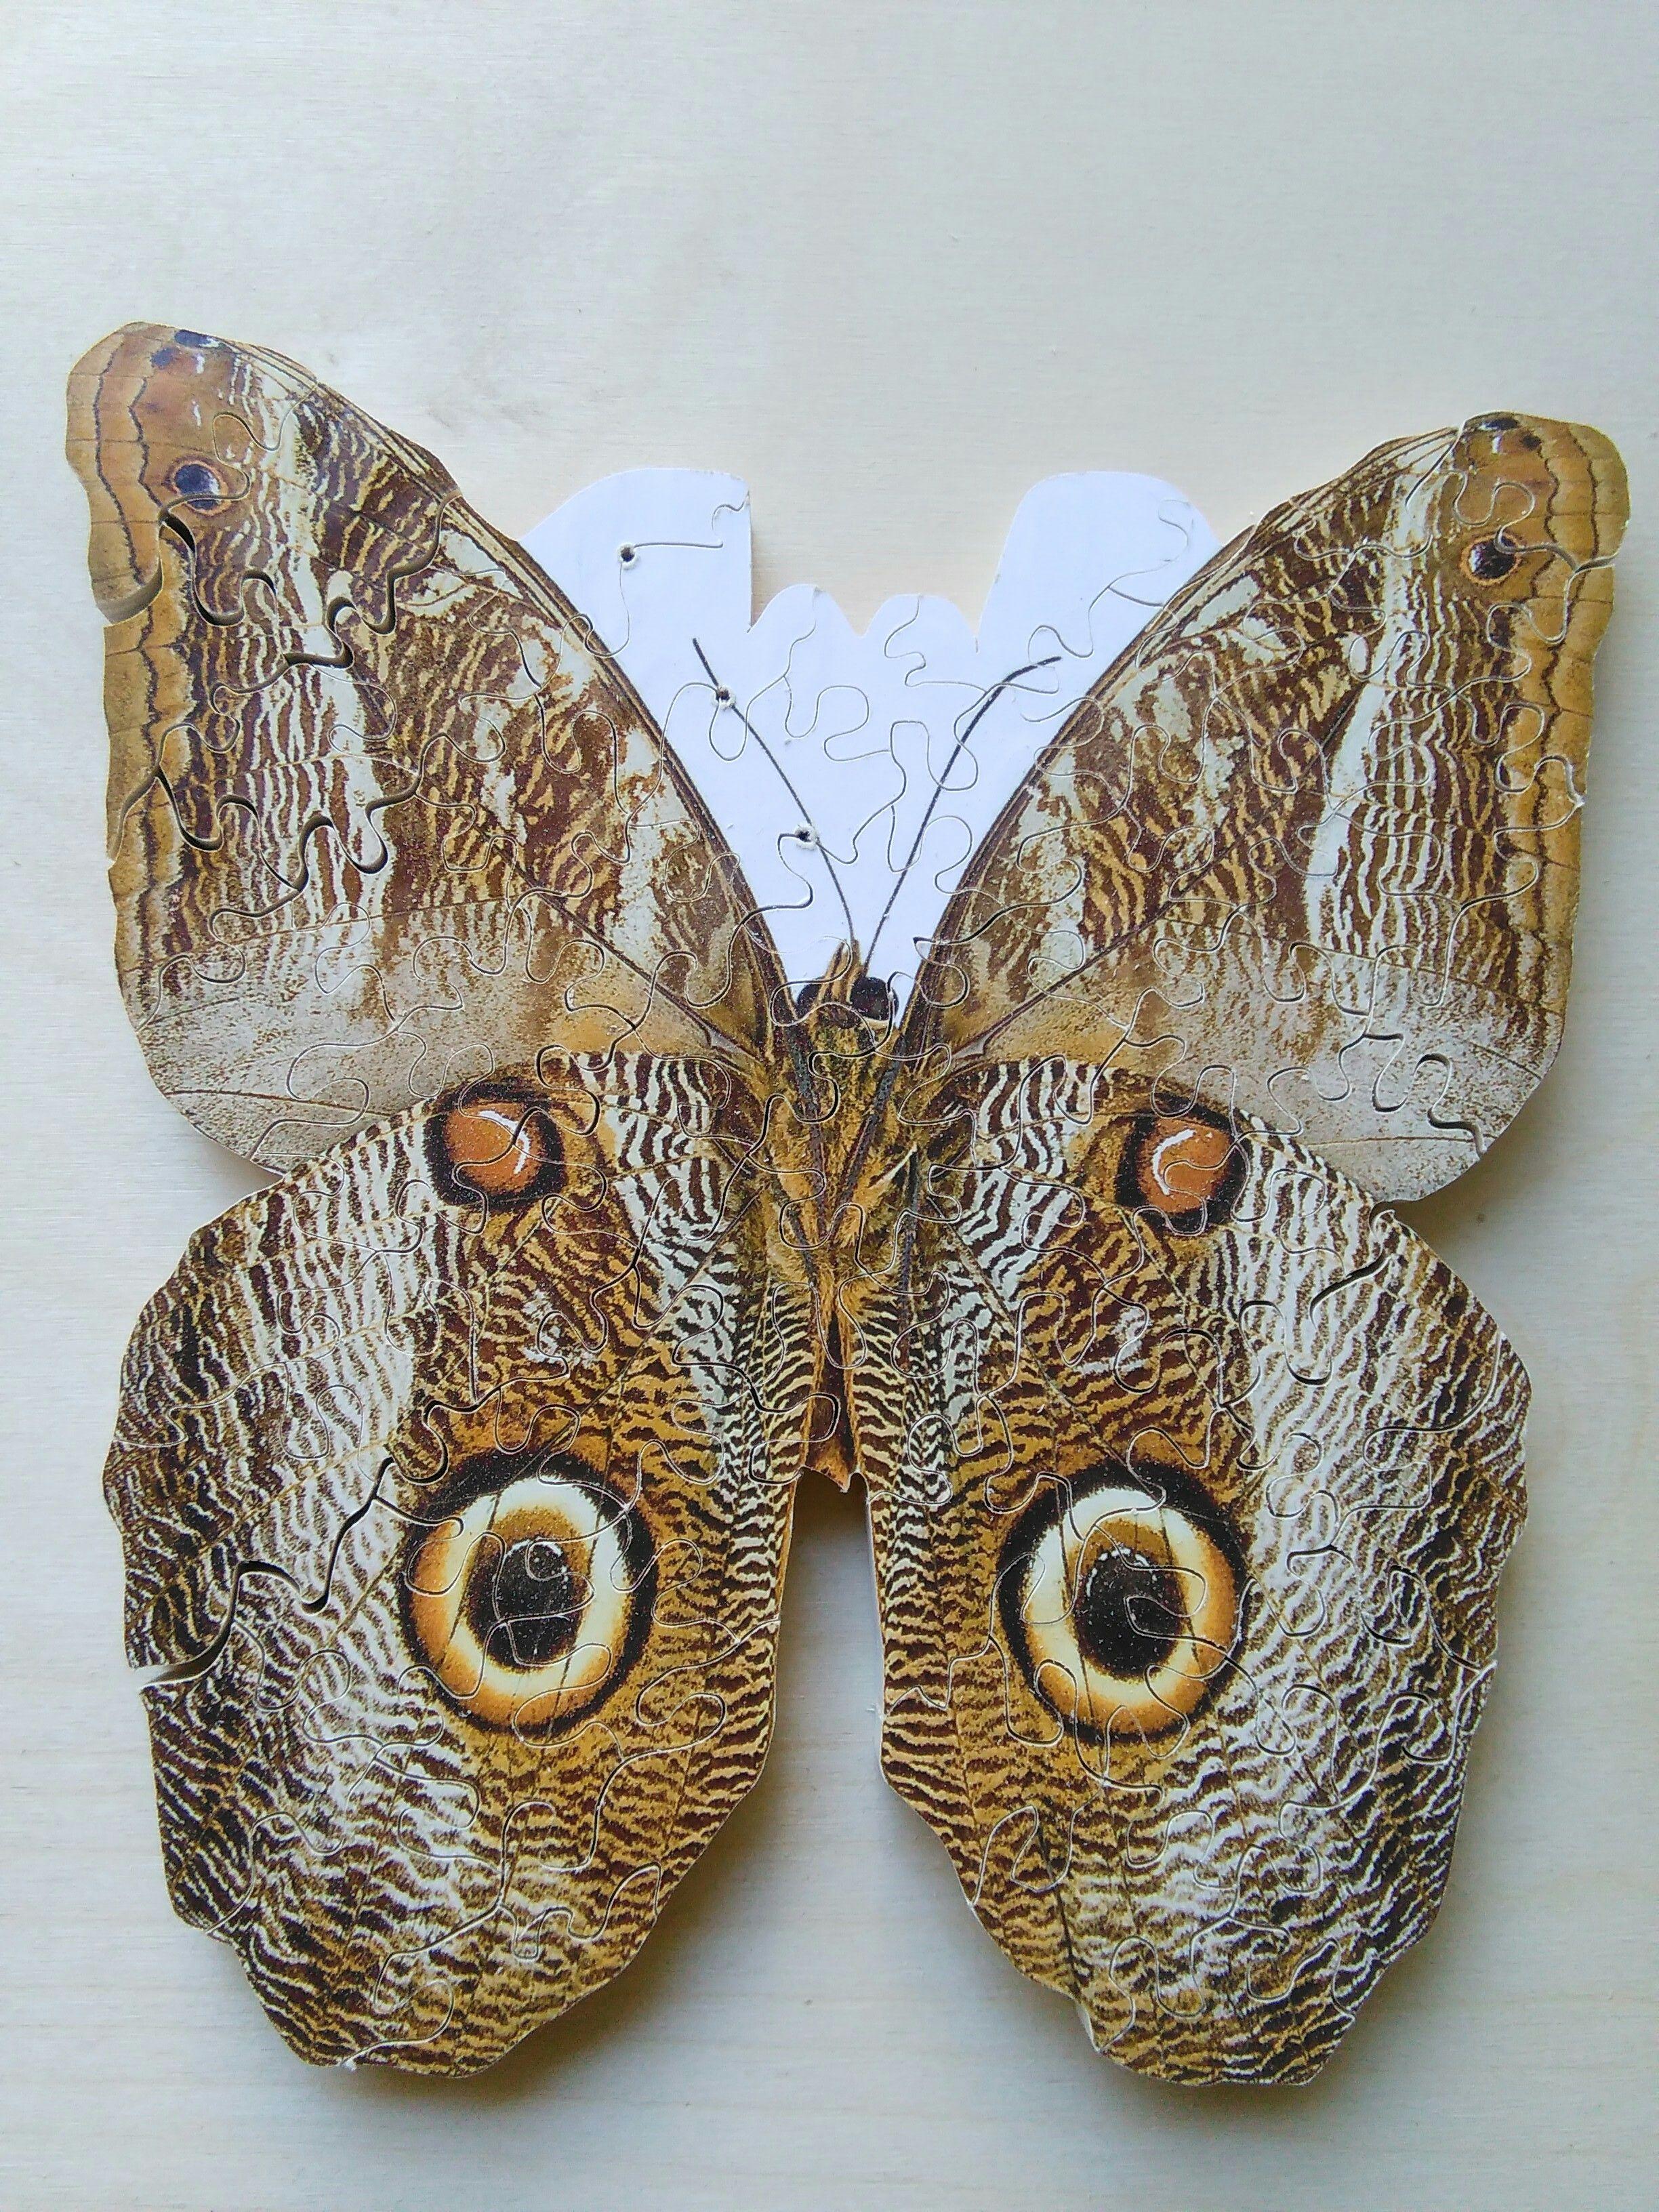 puzzle: farfalla. Circa 85 pezzi | artedeltraforo vicenza: my ...